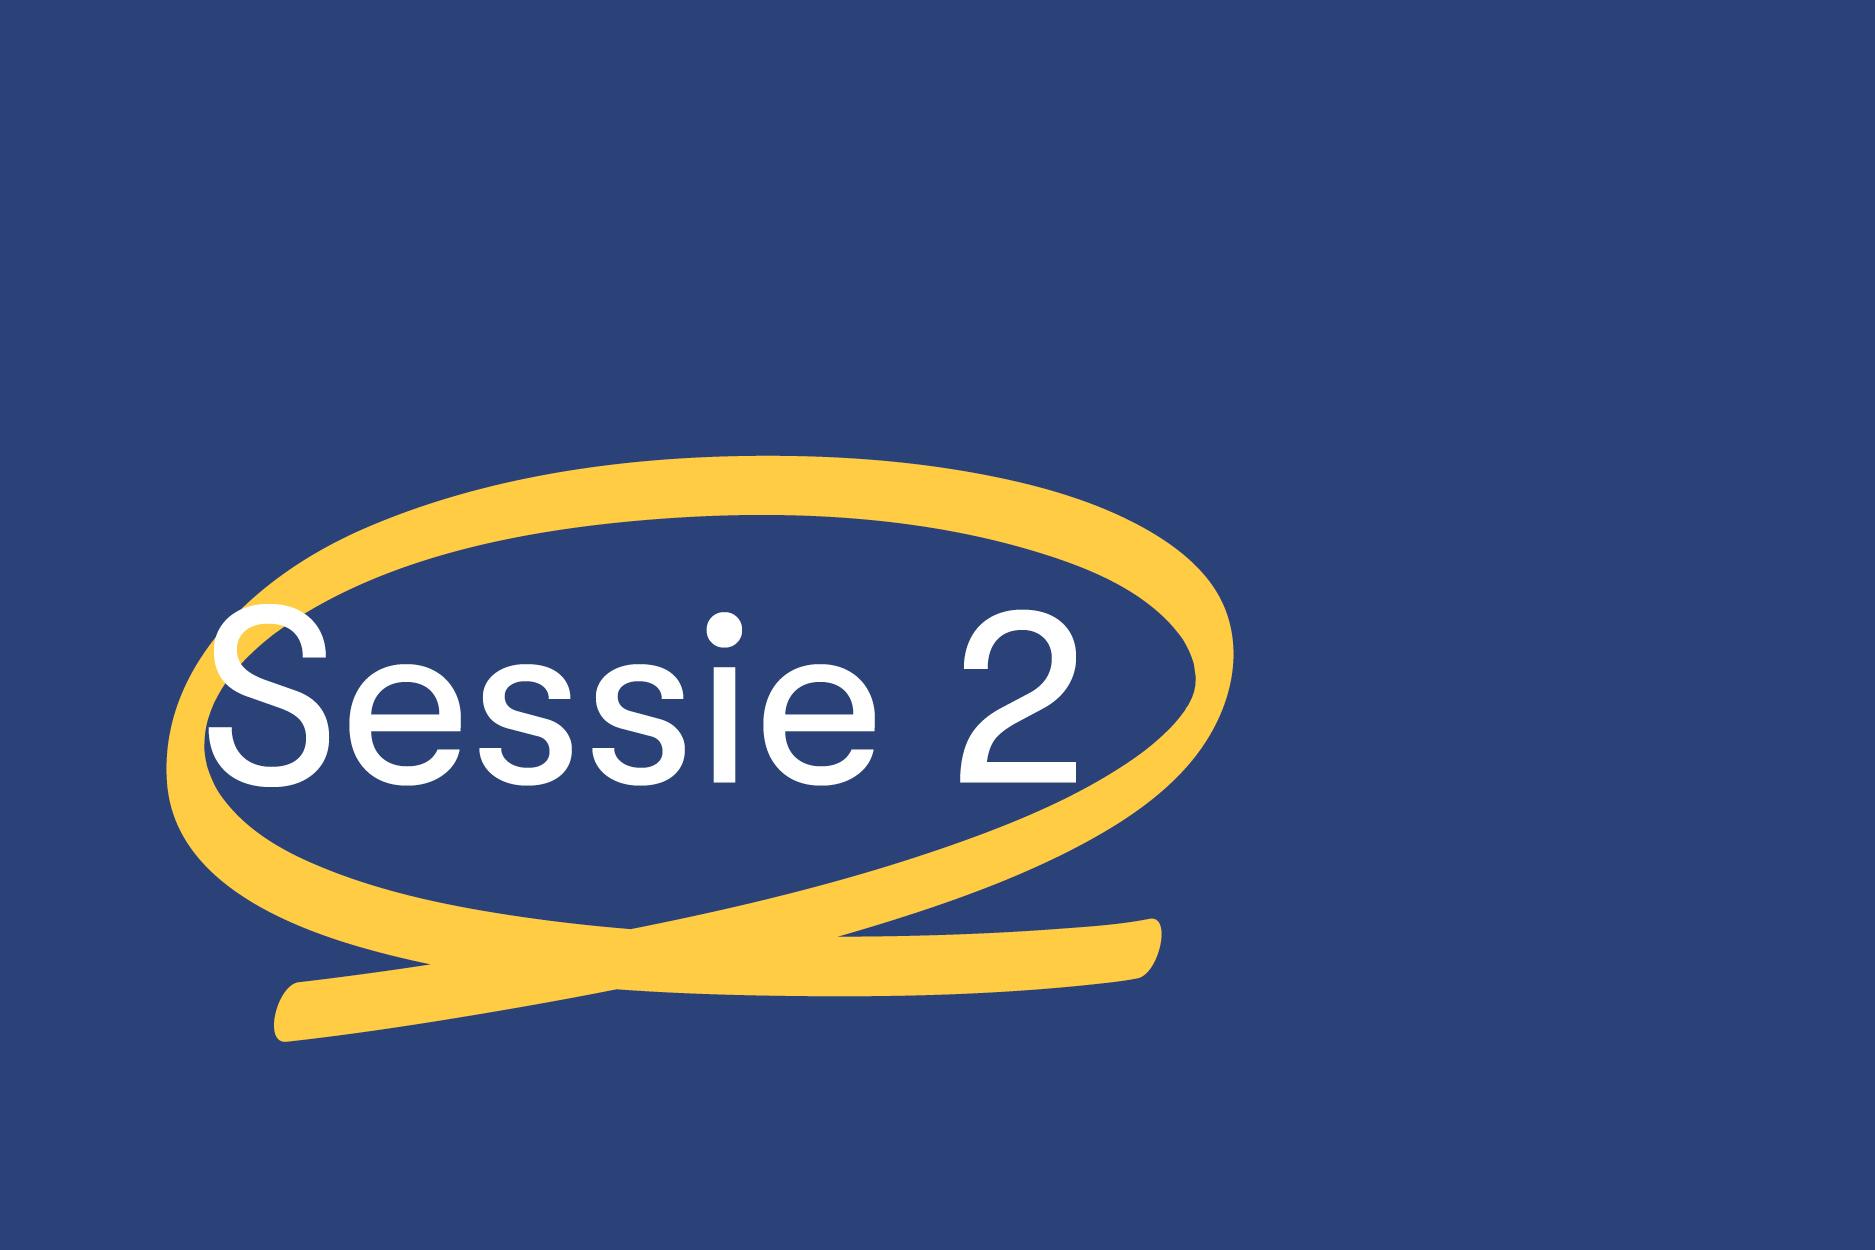 Sessie 2